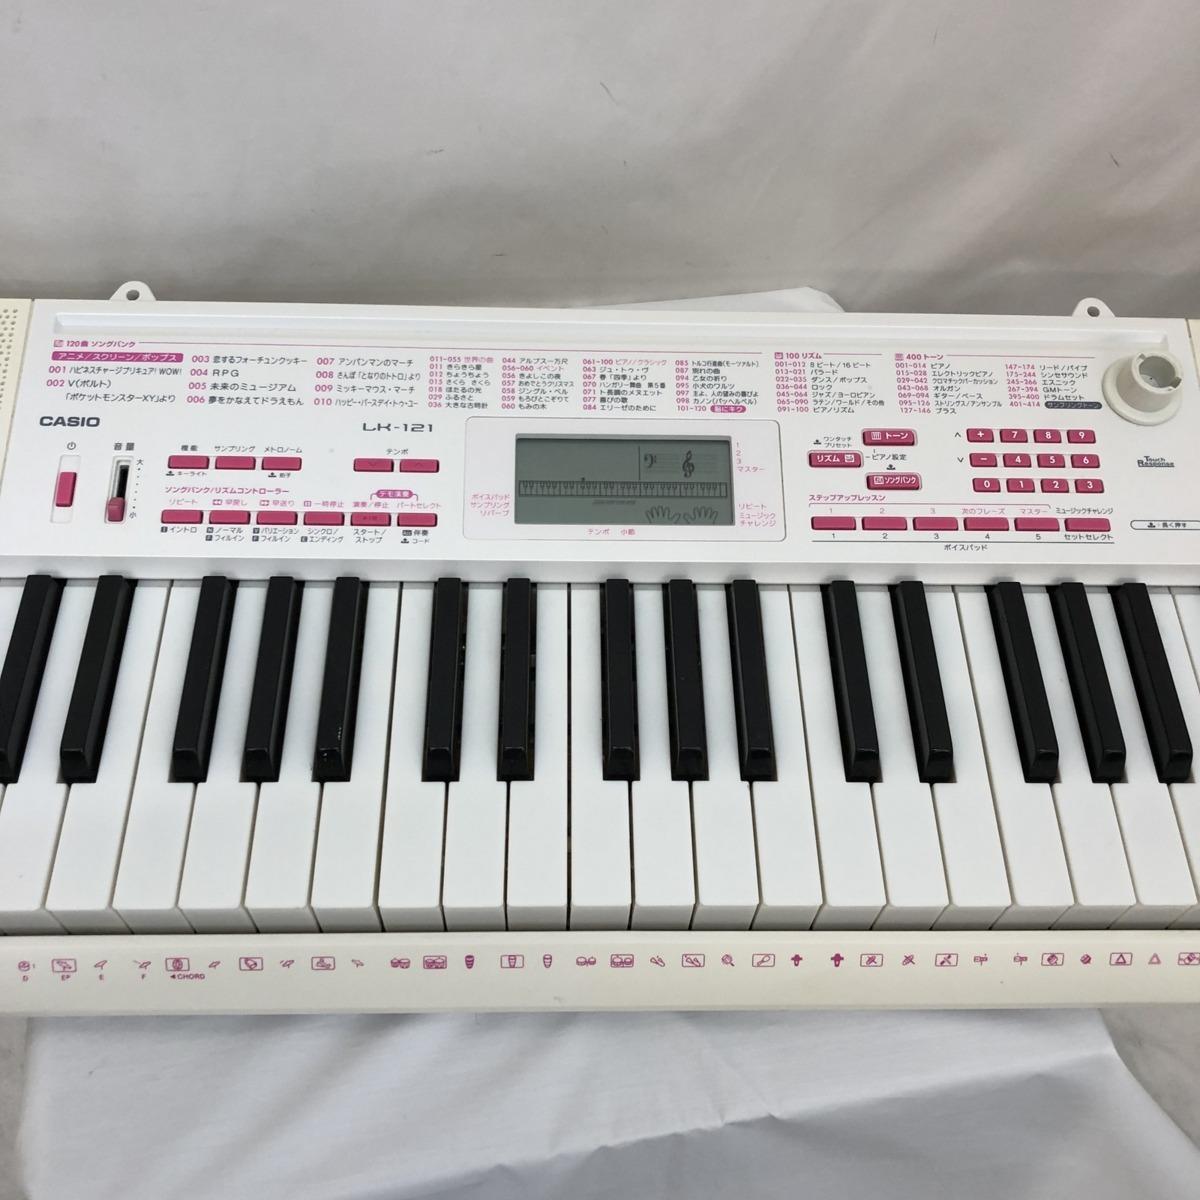 中古 CASIO カシオ 電子キーボード 光ナビゲーション LK-121 61鍵盤 電子ピアノ ホワイト ピンク 鍵盤楽器 アダプター付き H15423_画像6